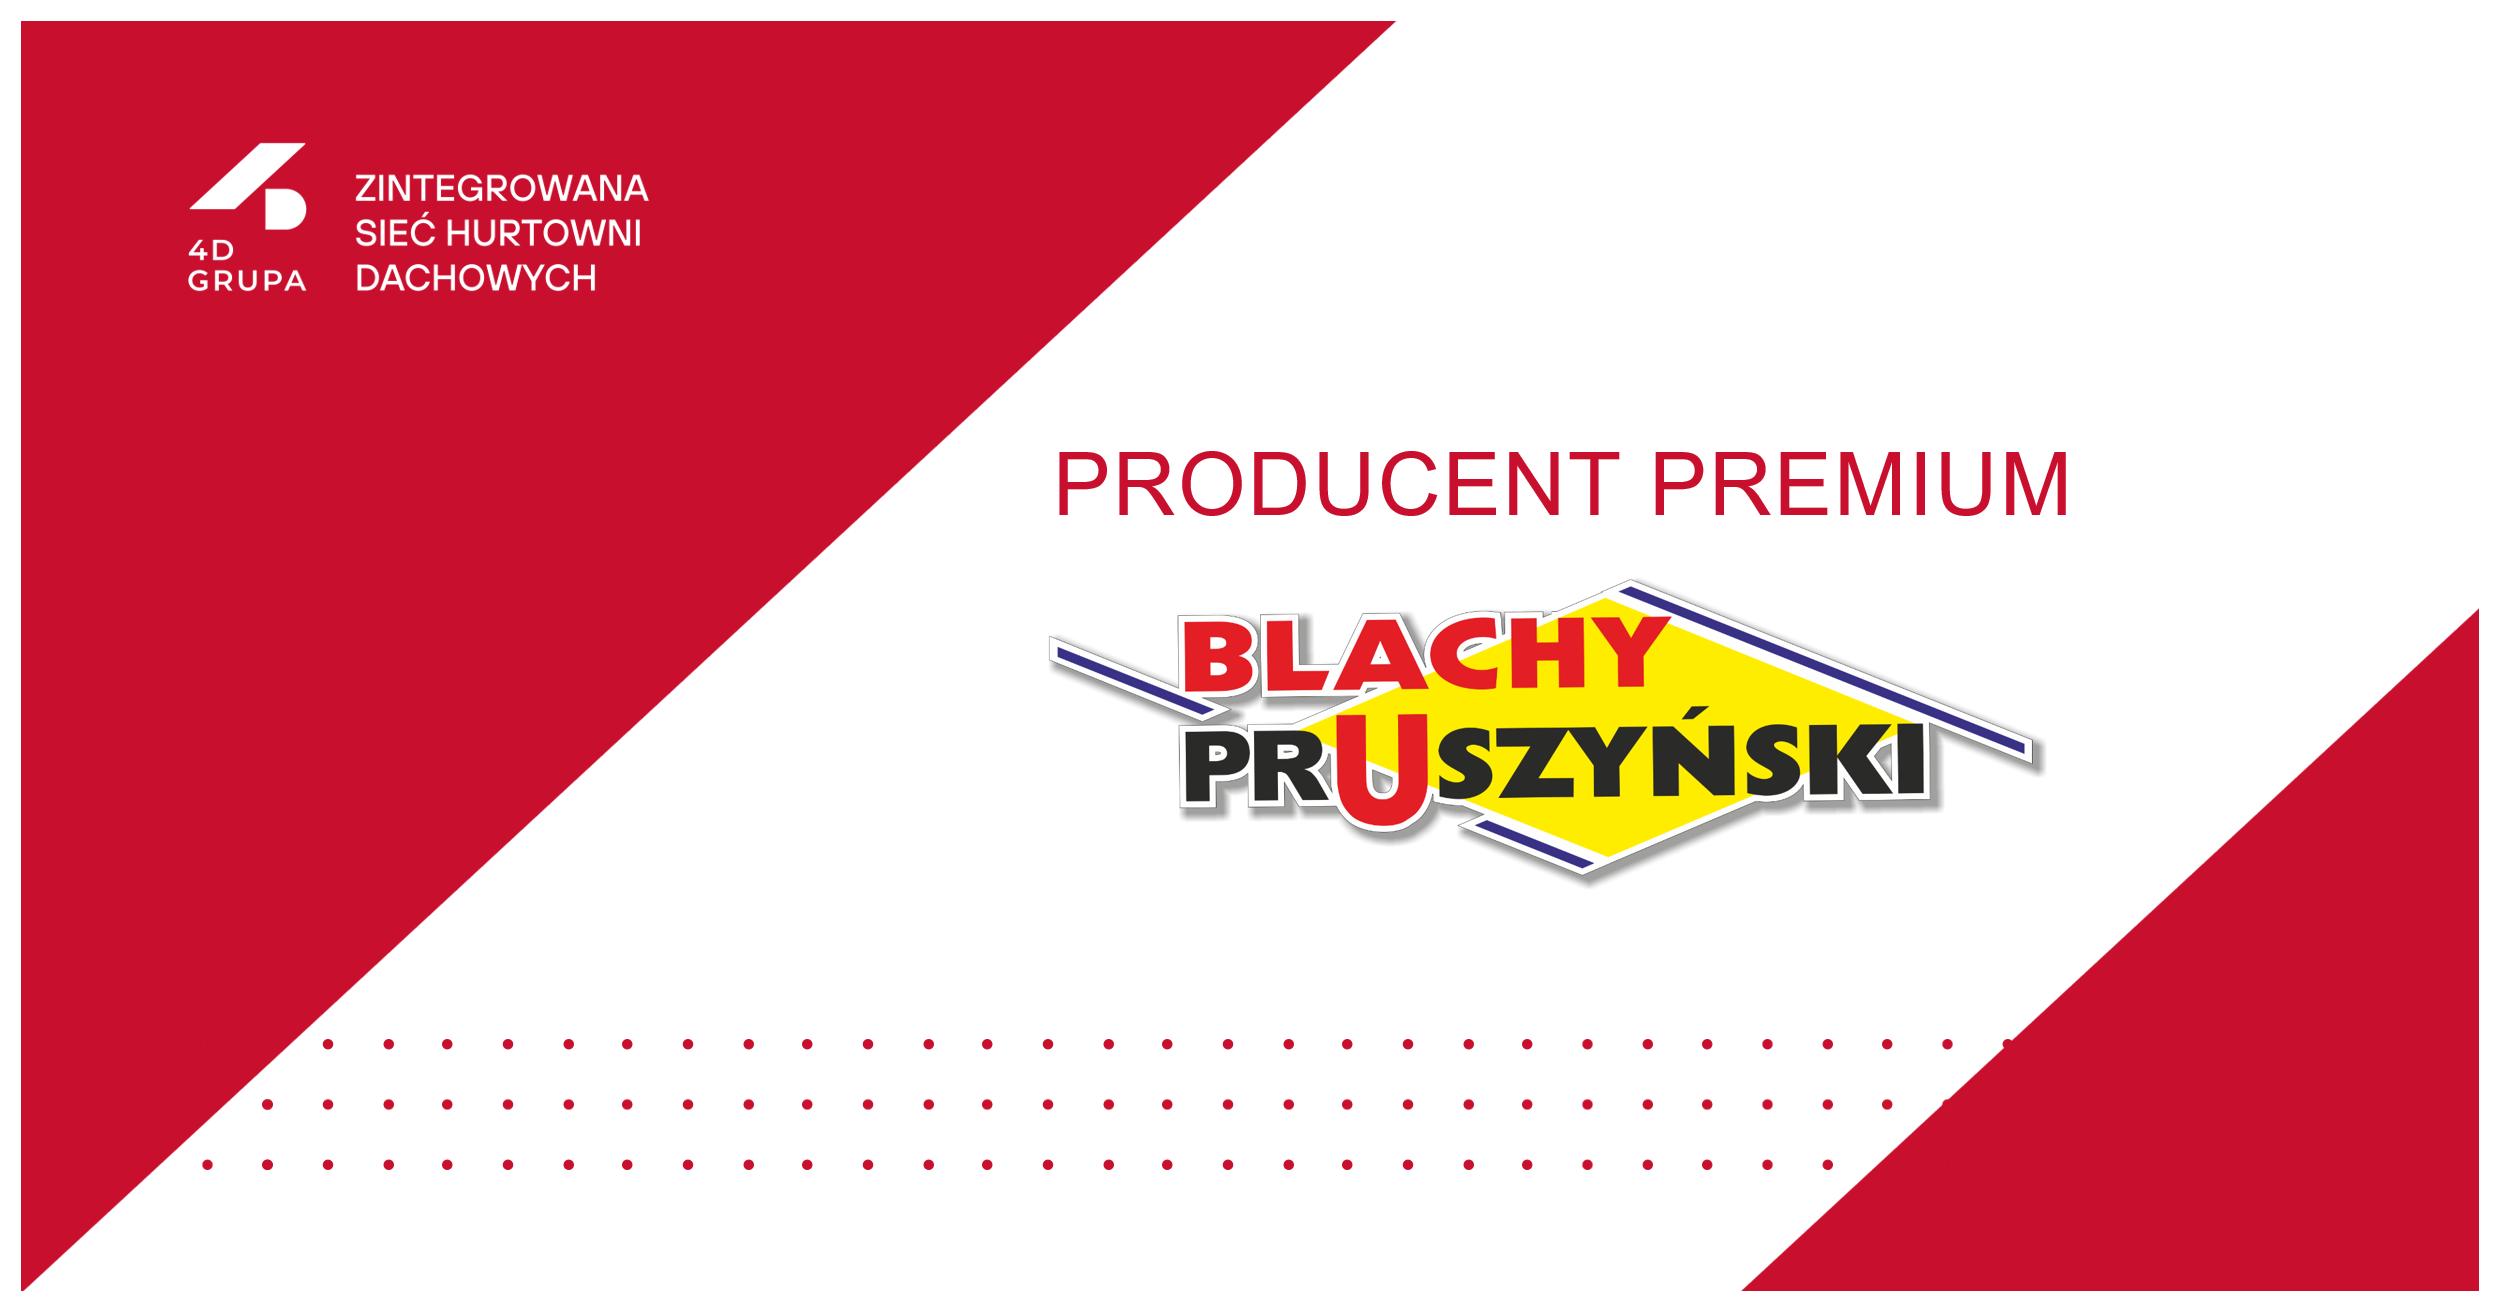 blachodachówki Blachy Pruszyński